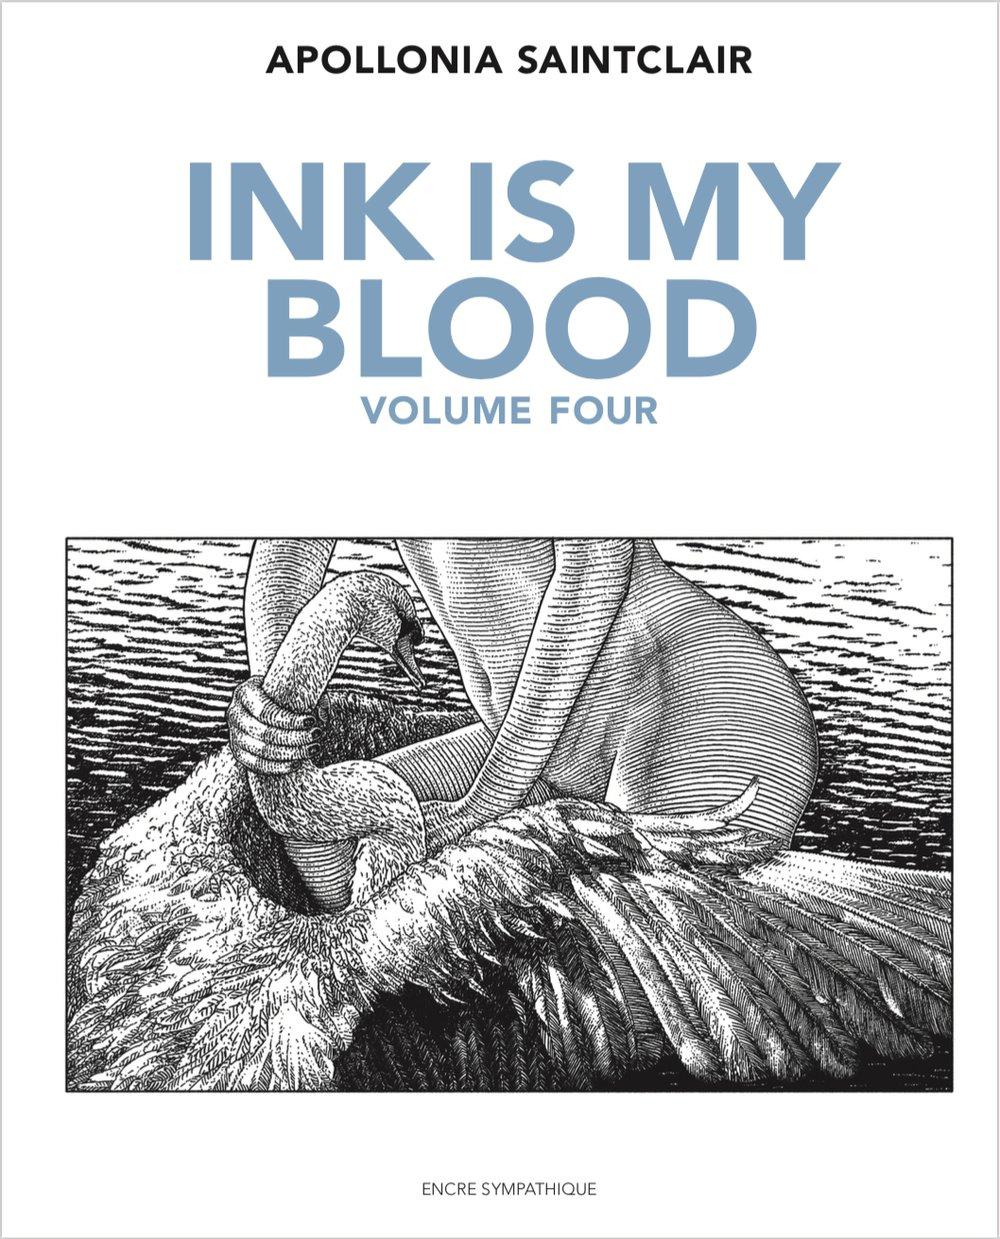 INK IS MY BLOOD - VOLUME IV